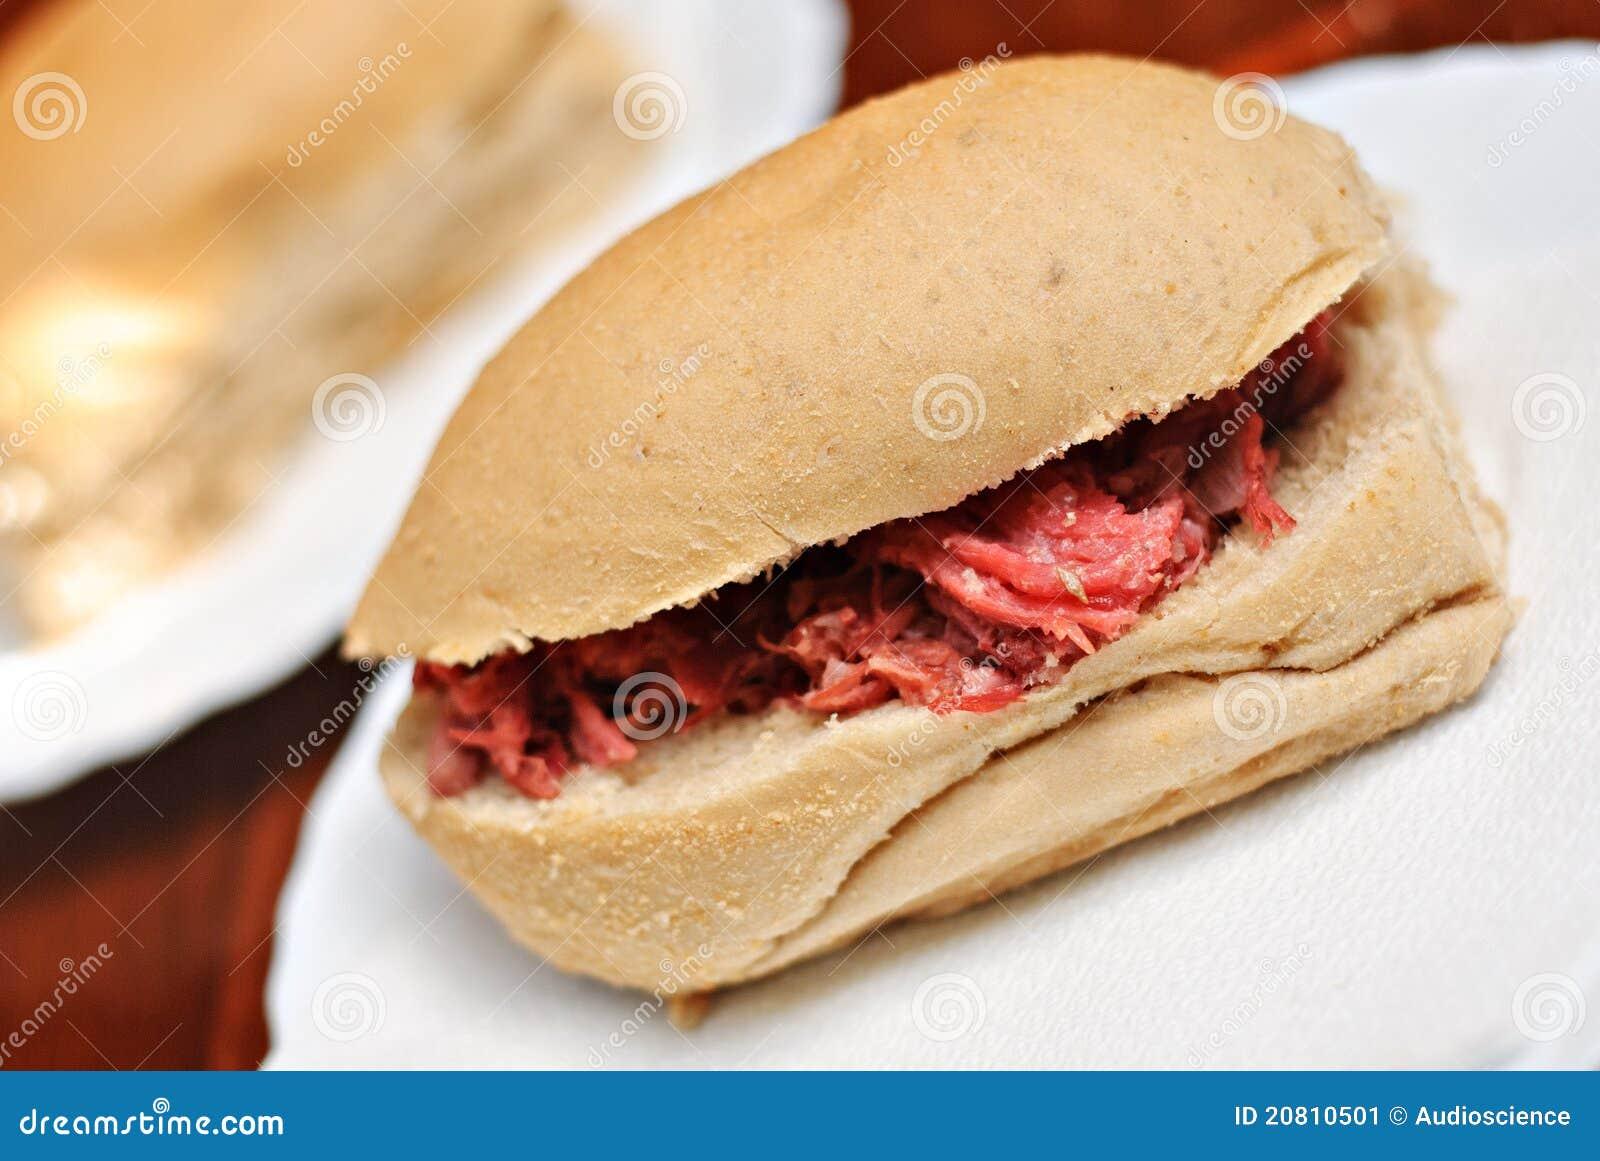 亚洲面包小圆面包pandesal三明治